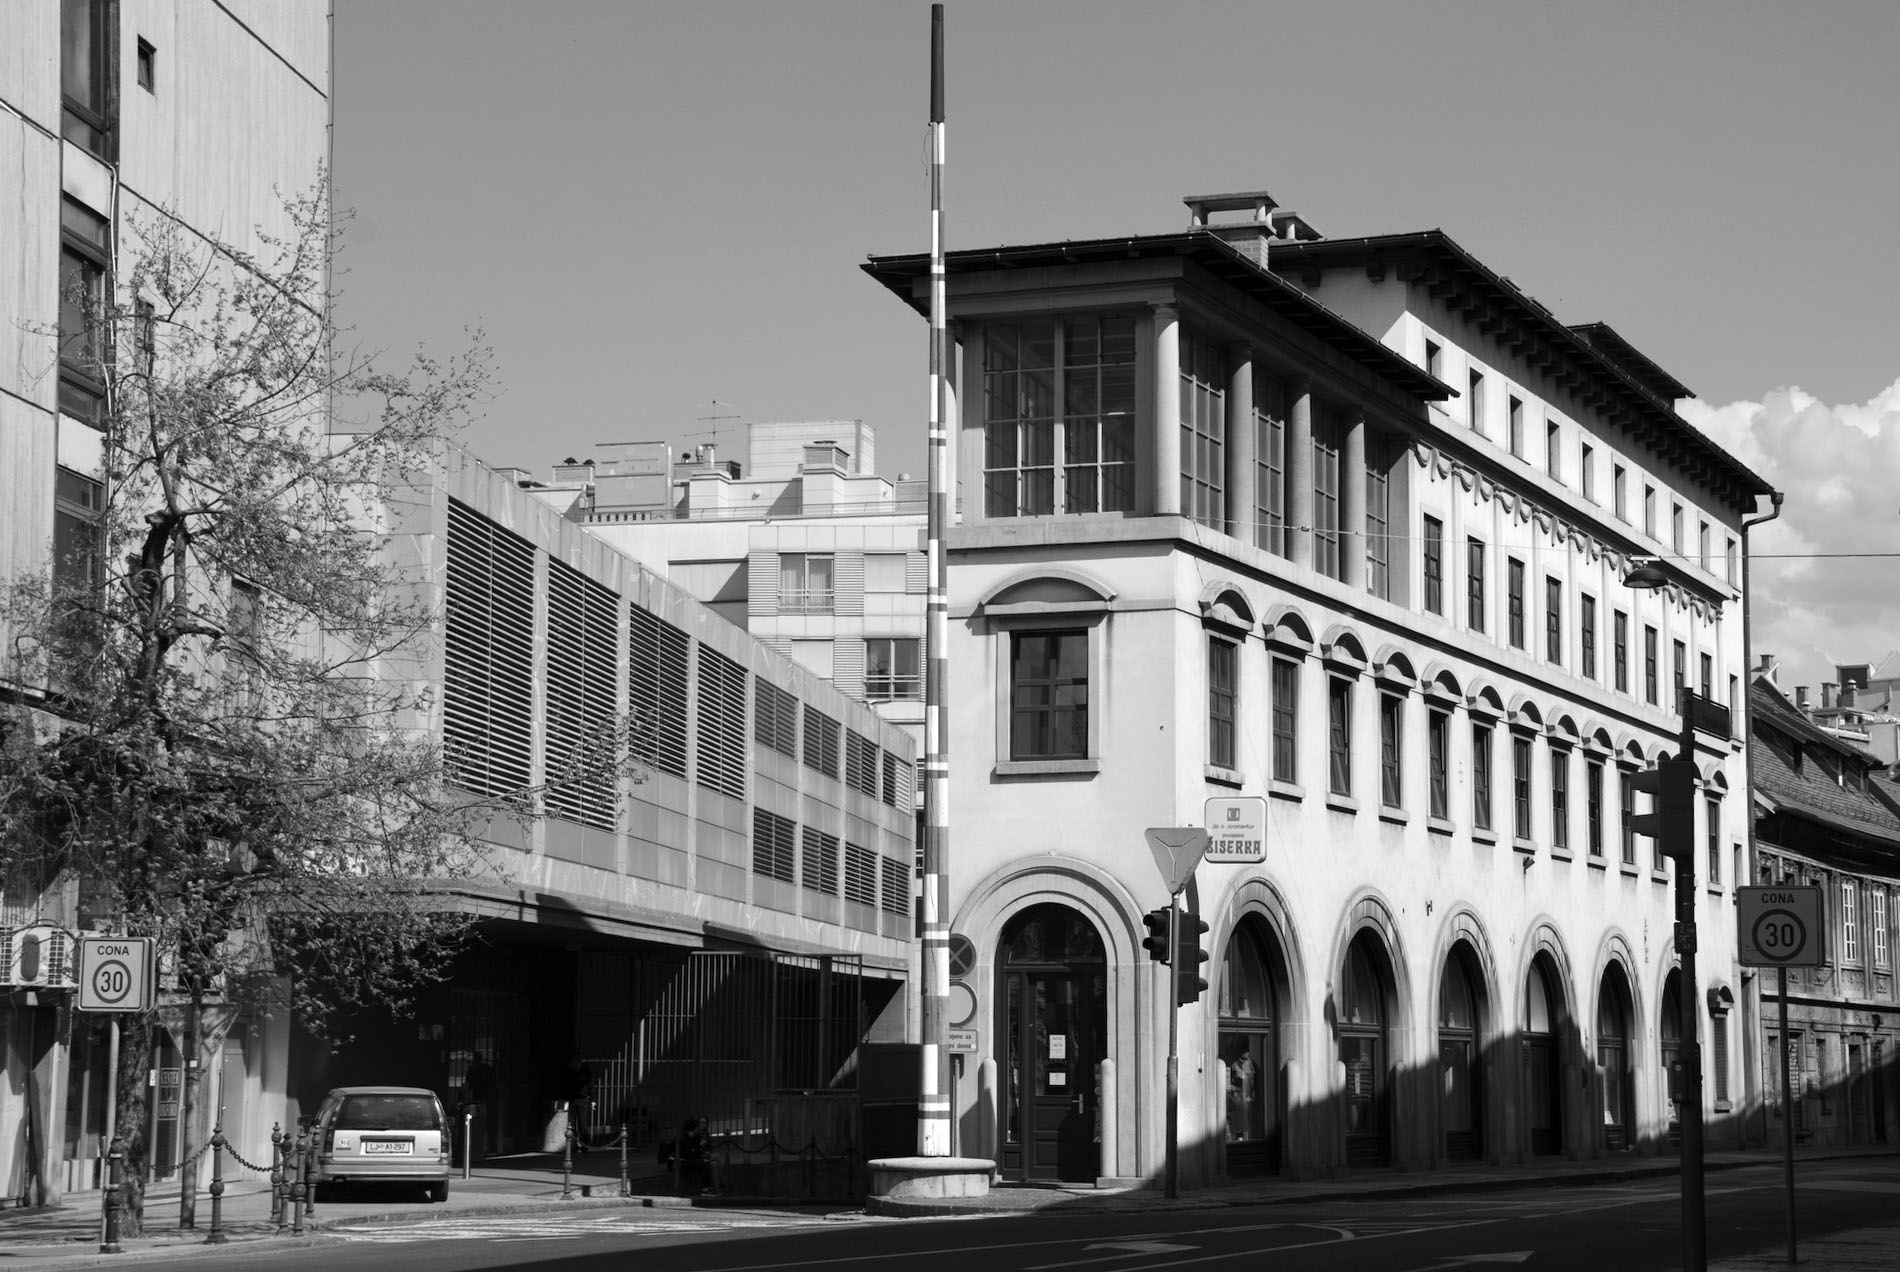 Bügeleisen.  Den Namen erhielt des Haus, errichtet zwischen 1933 und 1934, bereits durch einen Vorgängerbau. Es steht auf einem schmalen dreieckigen Grundstück unweit der Markthallen. Zur Poljanska Straße entwarf Plečnik eine mehrgeschossige Fassade mit großen Bogenfenstern im Erdgeschoss, von Halbbögen gekrönten Fenstern im ersten Geschoss und einer Reihe einfacher Fenster in der zweiten Etage. Besonders eindrucksvoll ist der säulenbegrenzte Wintergarten an der Spitze des Hauses.